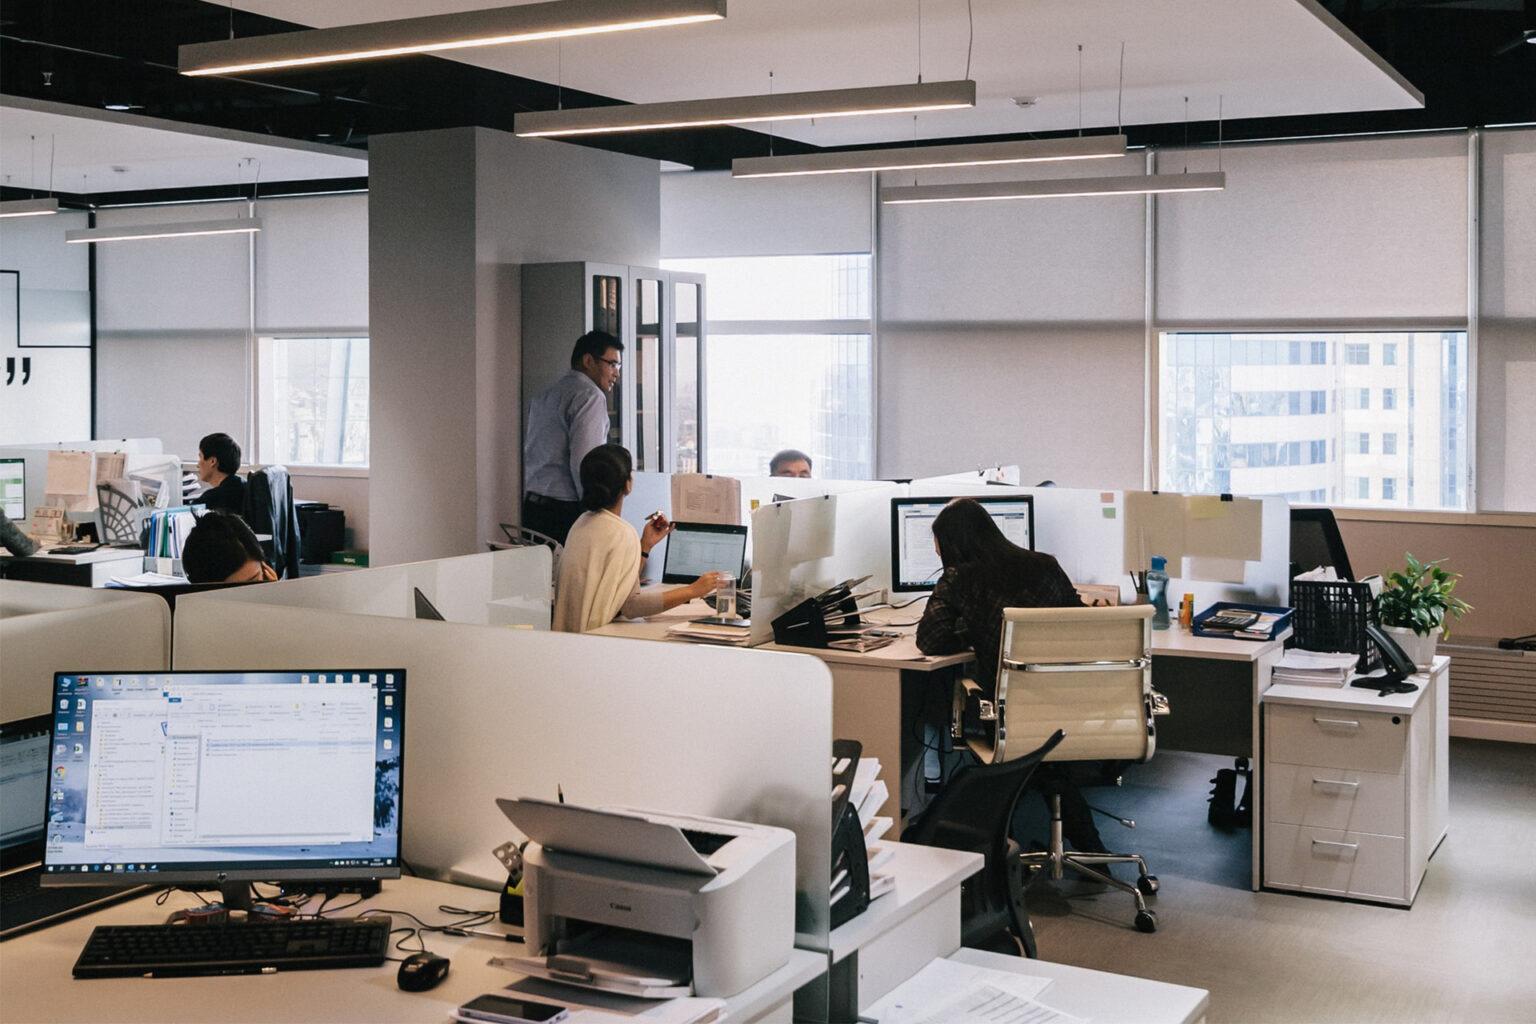 Eine Gruppe Mitarbeiter im Gespräch im Büro. Foto zum Thema Wissensmanagement für Unternehmen.